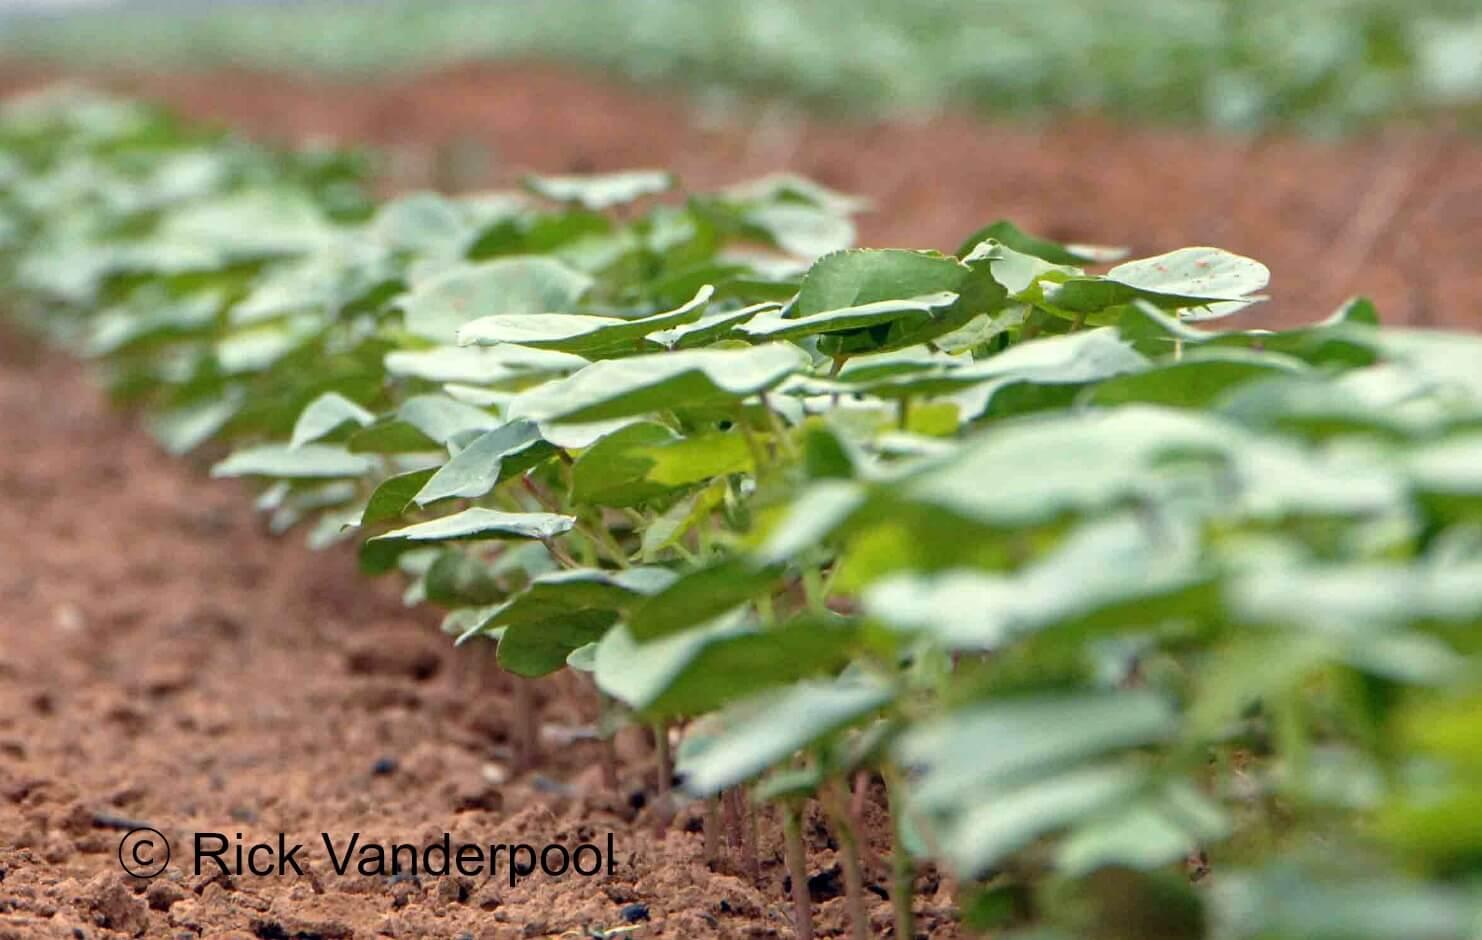 New cotton plants